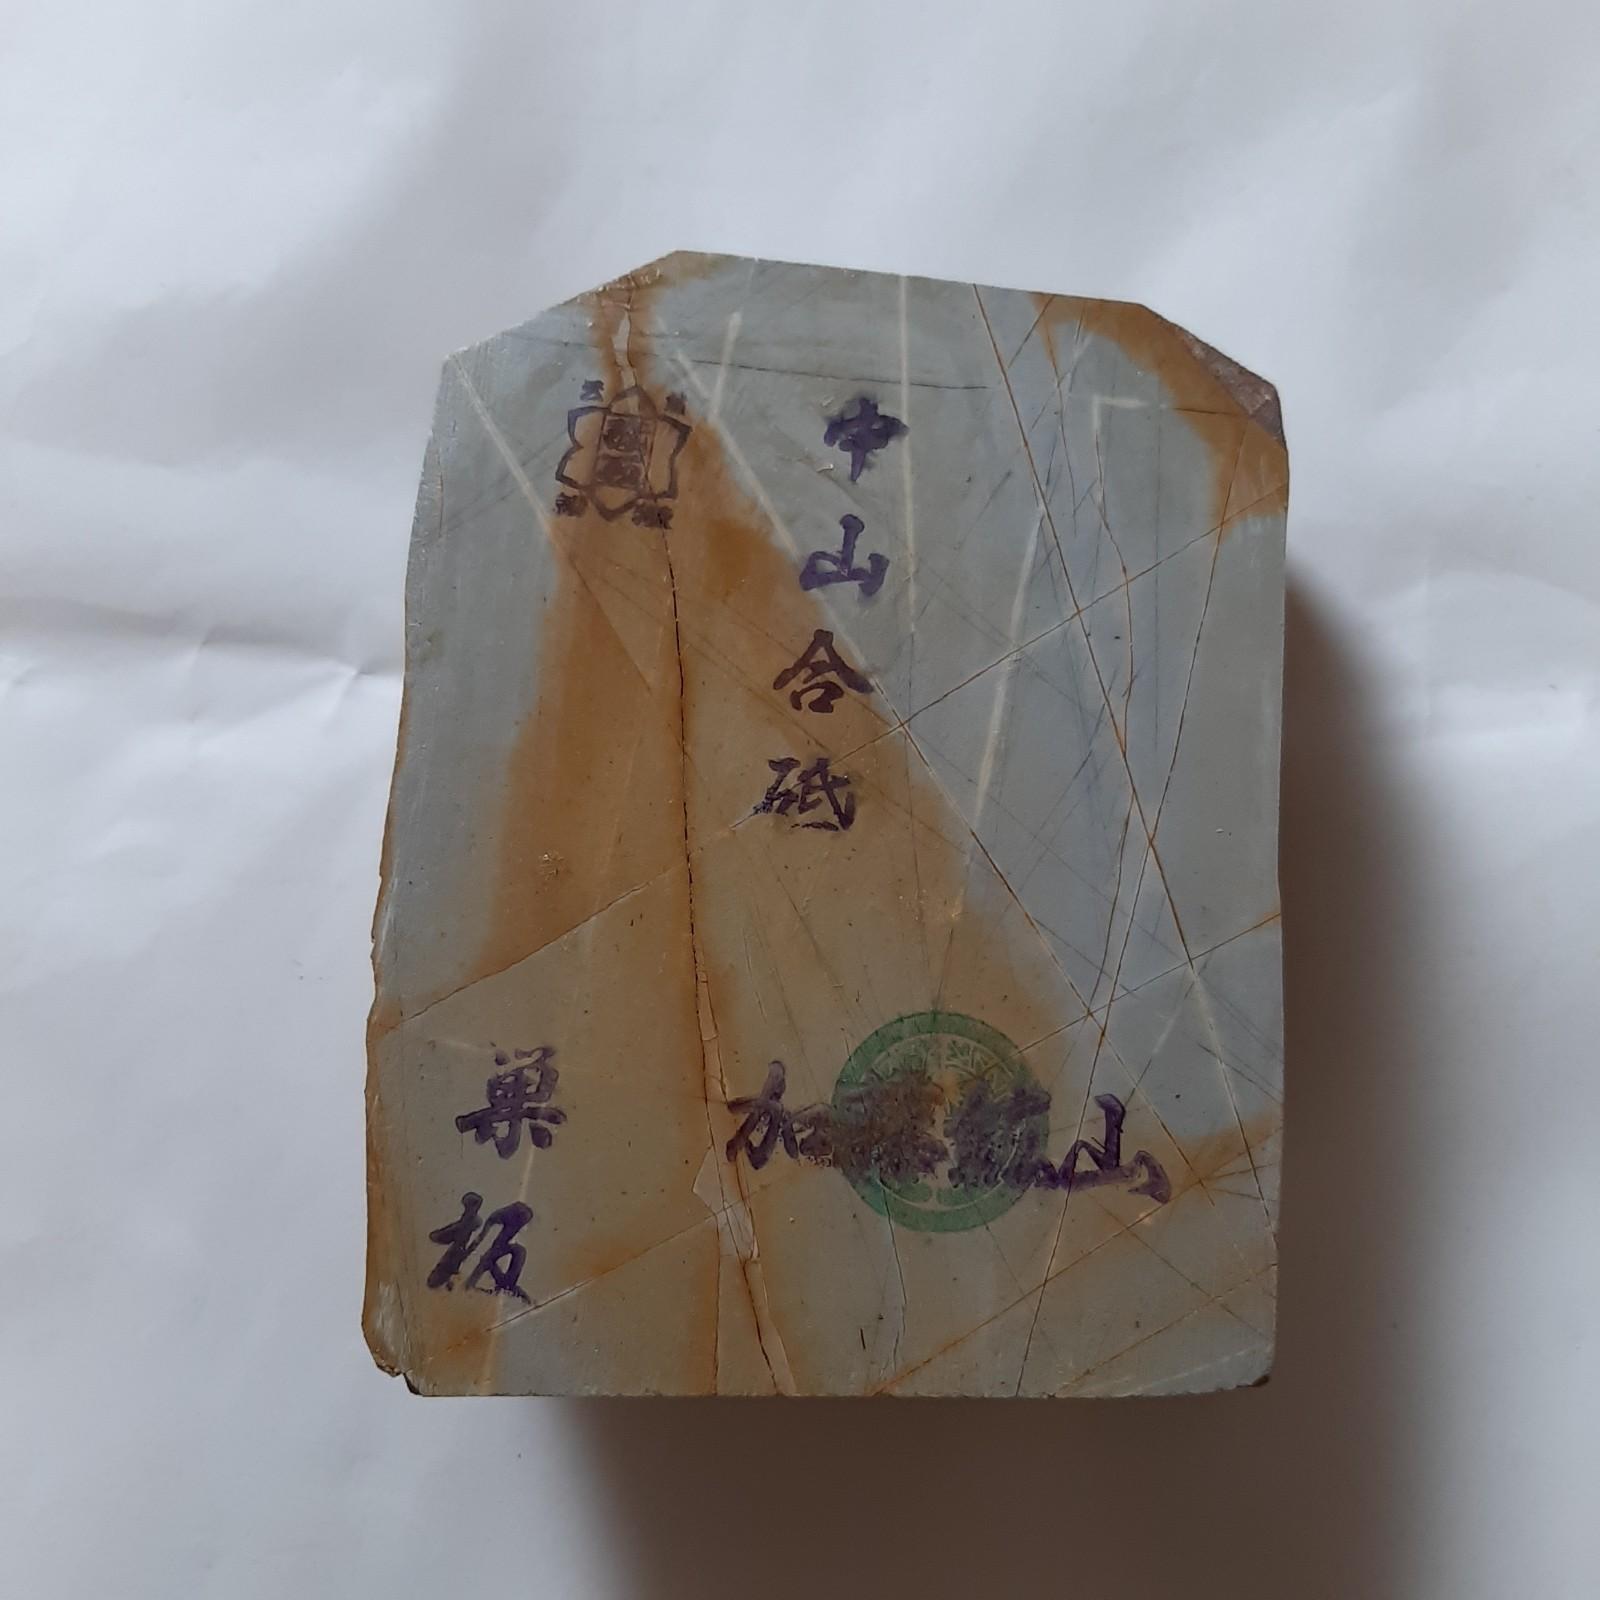 中山 コッパ No.214 巣板 灰青色 【超仕上用天然砥石】